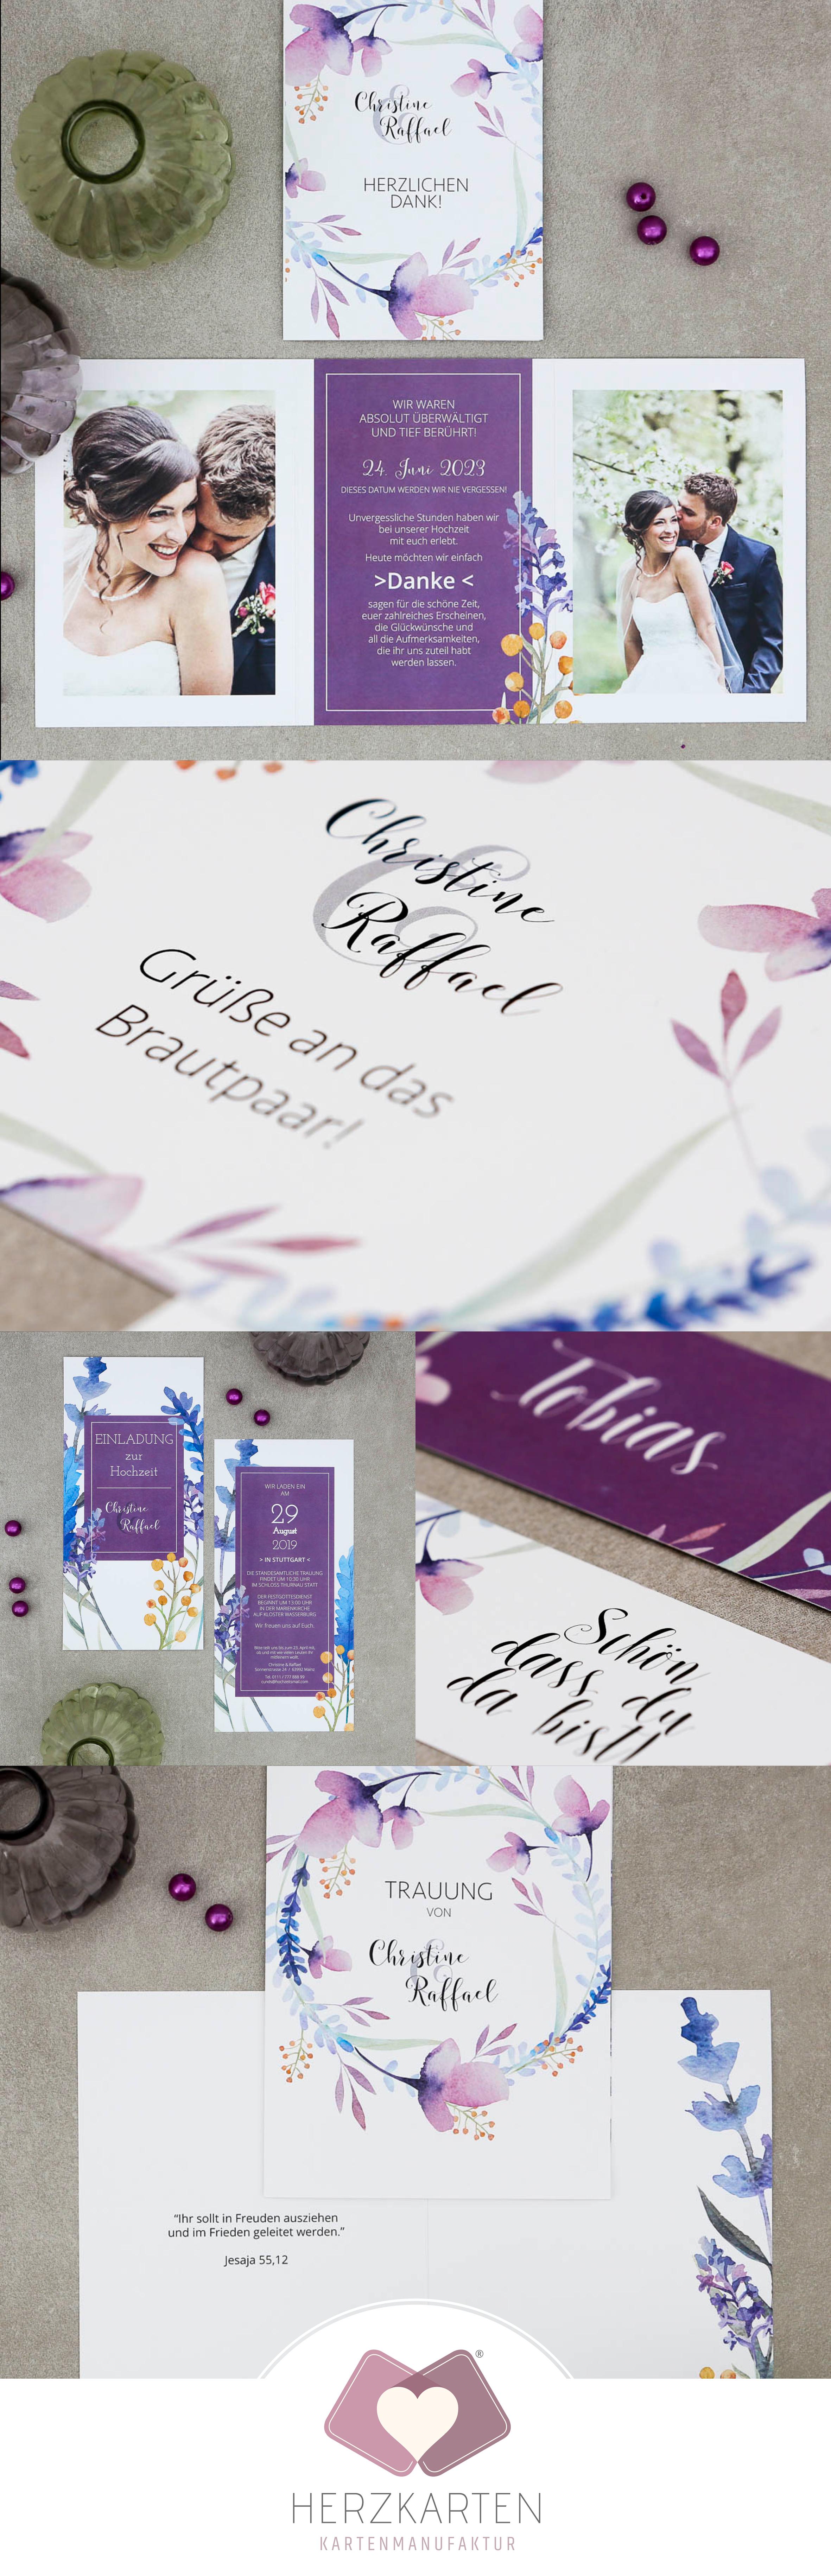 Hochzeits Papeterie Mit Lavendel Konzept Papeterie Hochzeit